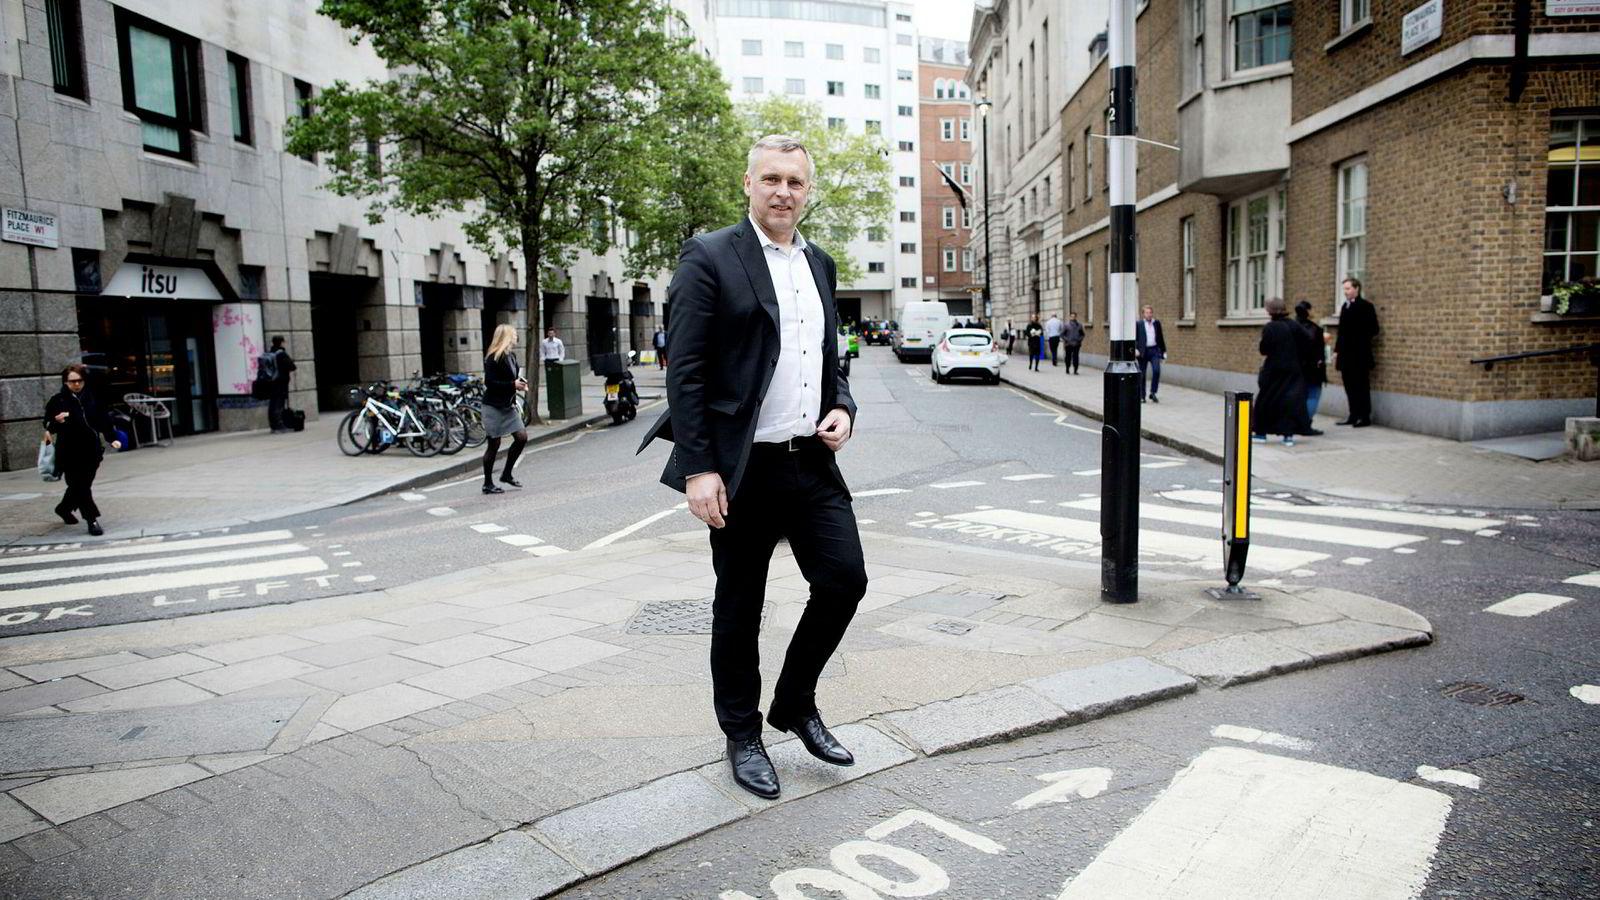 Tidligere konsernsjef Sven Ombudstvedt skriver til DN at kreditorene ikke er nærmere en rekapitaliseringsløsning etter forhandlingene denne uken.